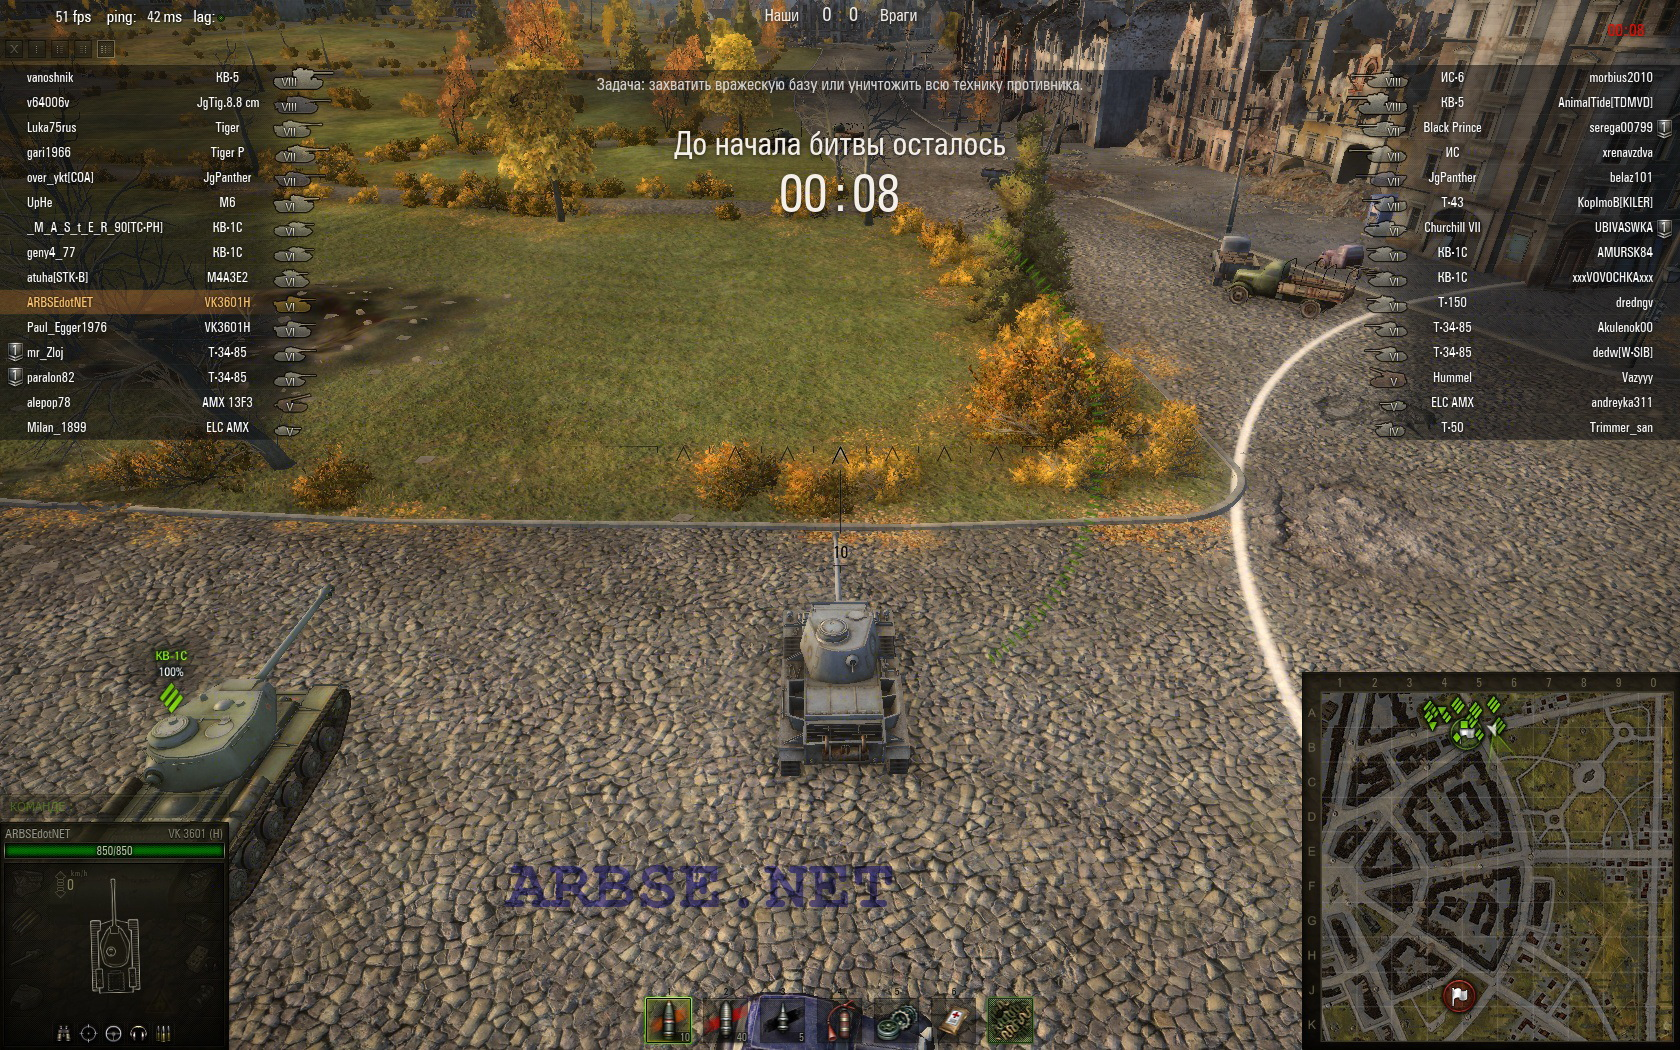 Как поднять FPS в World of Tanks? Читайте подробную инструкцию